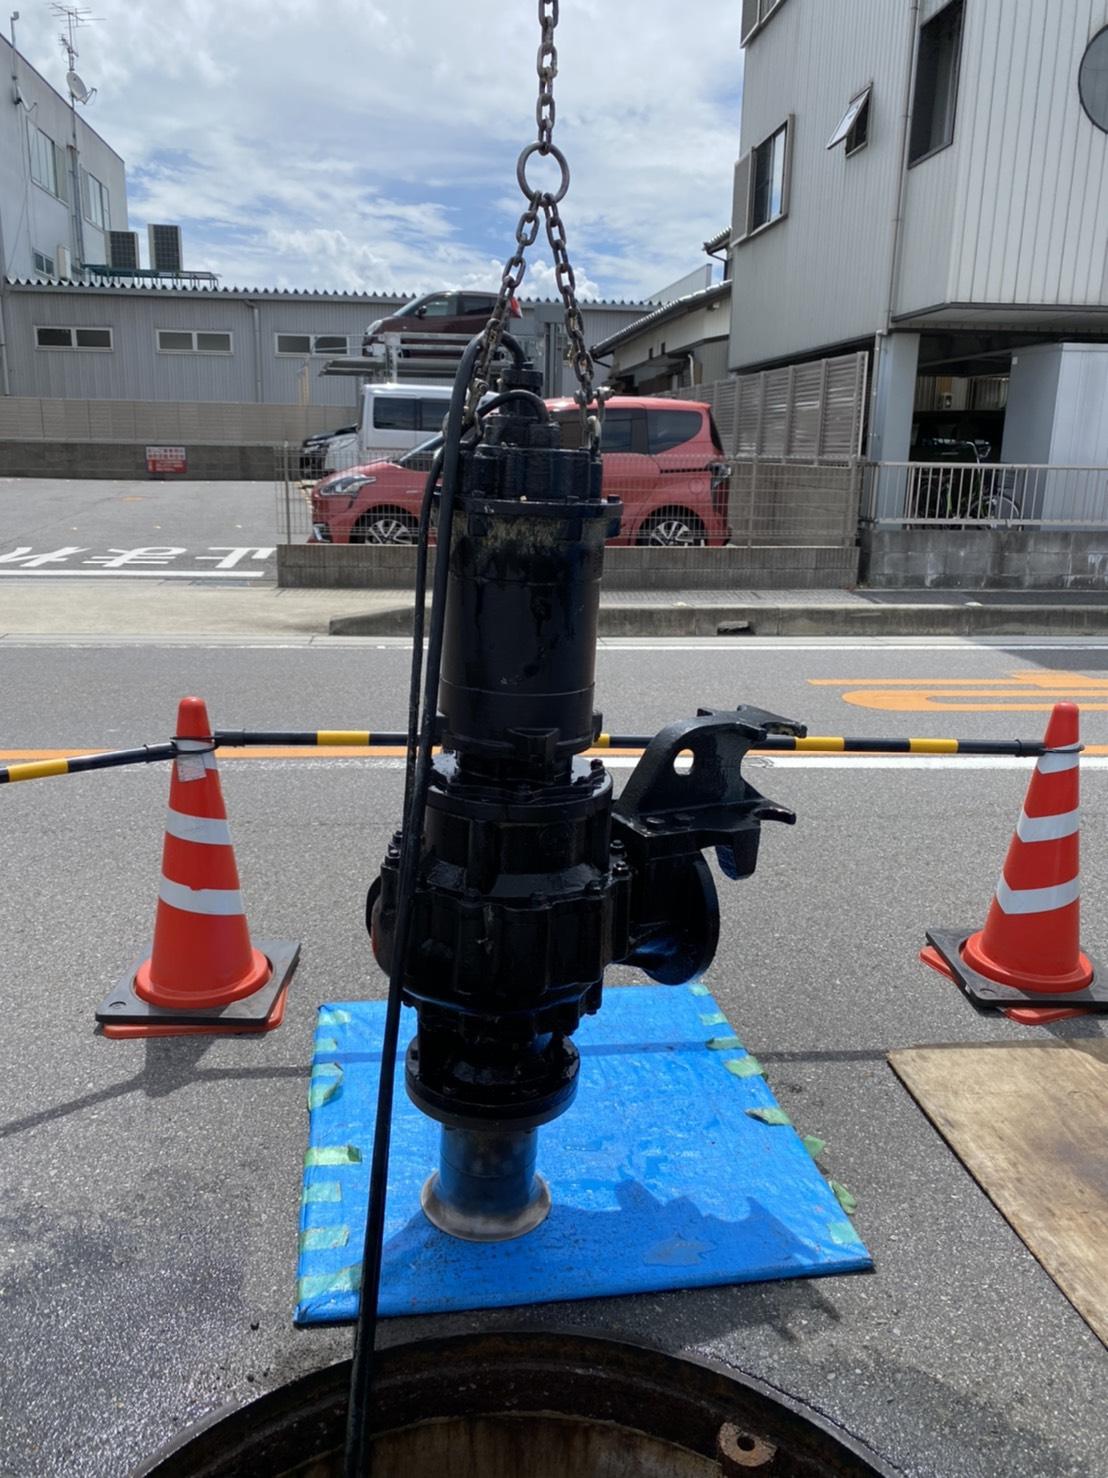 岡崎市某所 下水道設備(マンホールポンプ)の引き上げ点検